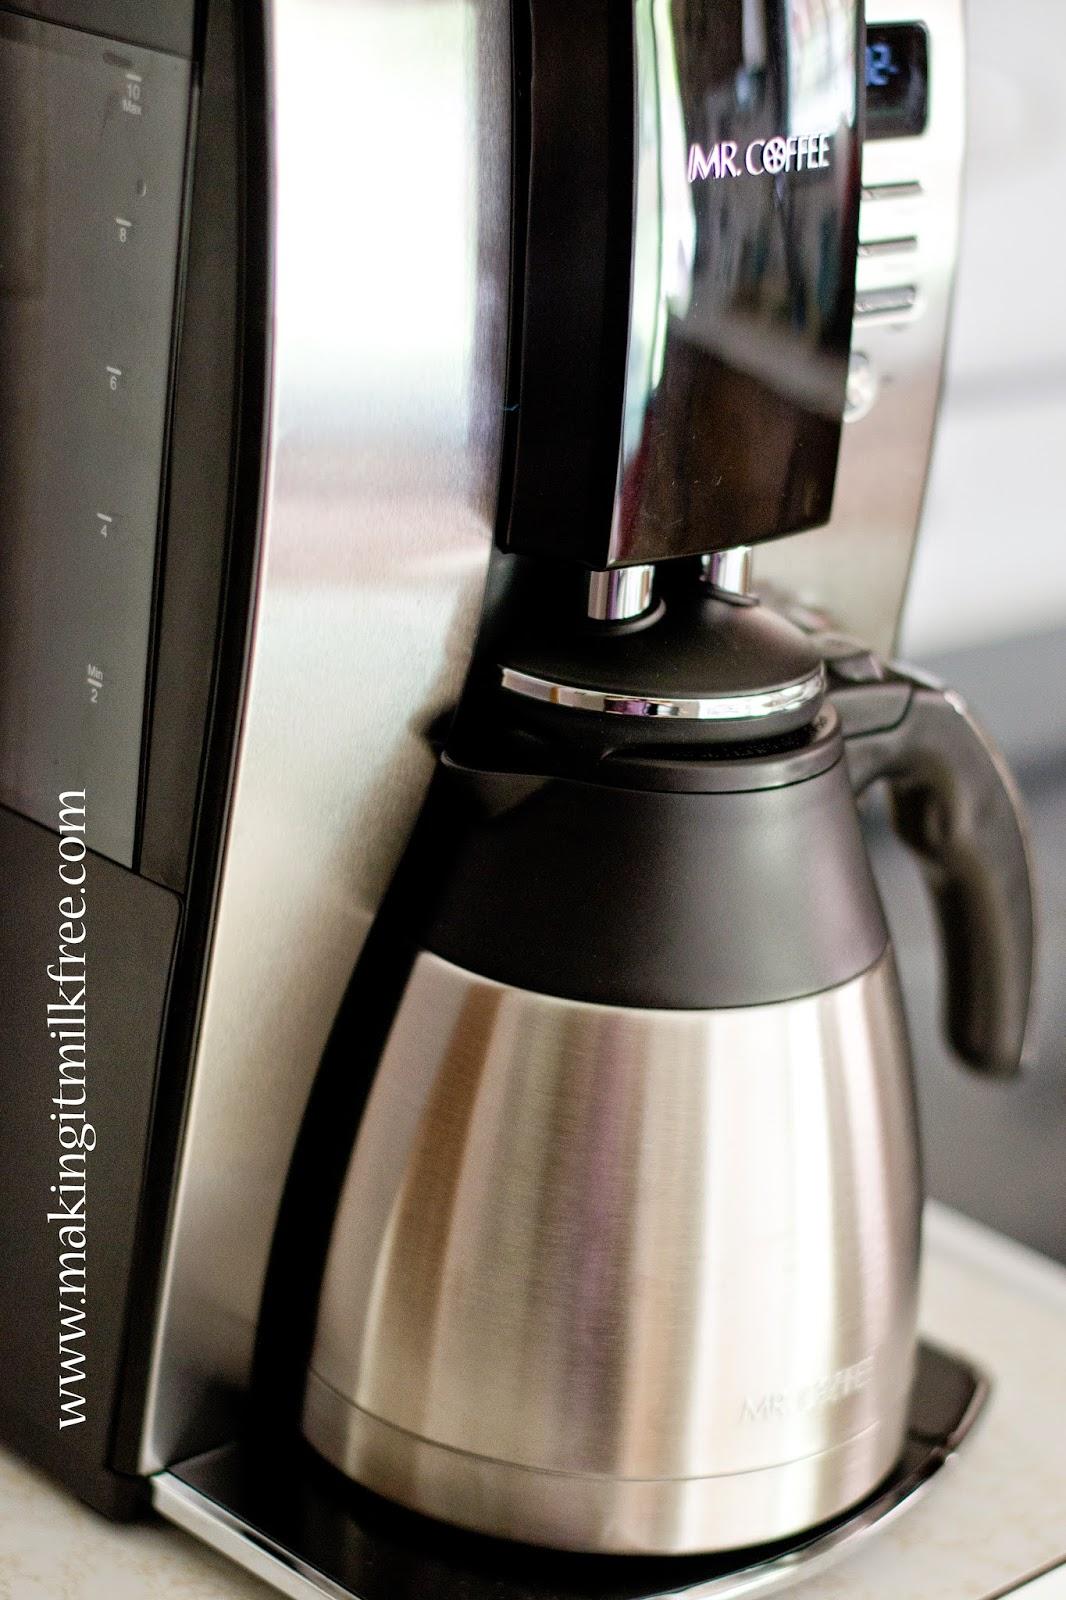 #cbias #shop #coffee #mrcoffee #millstone